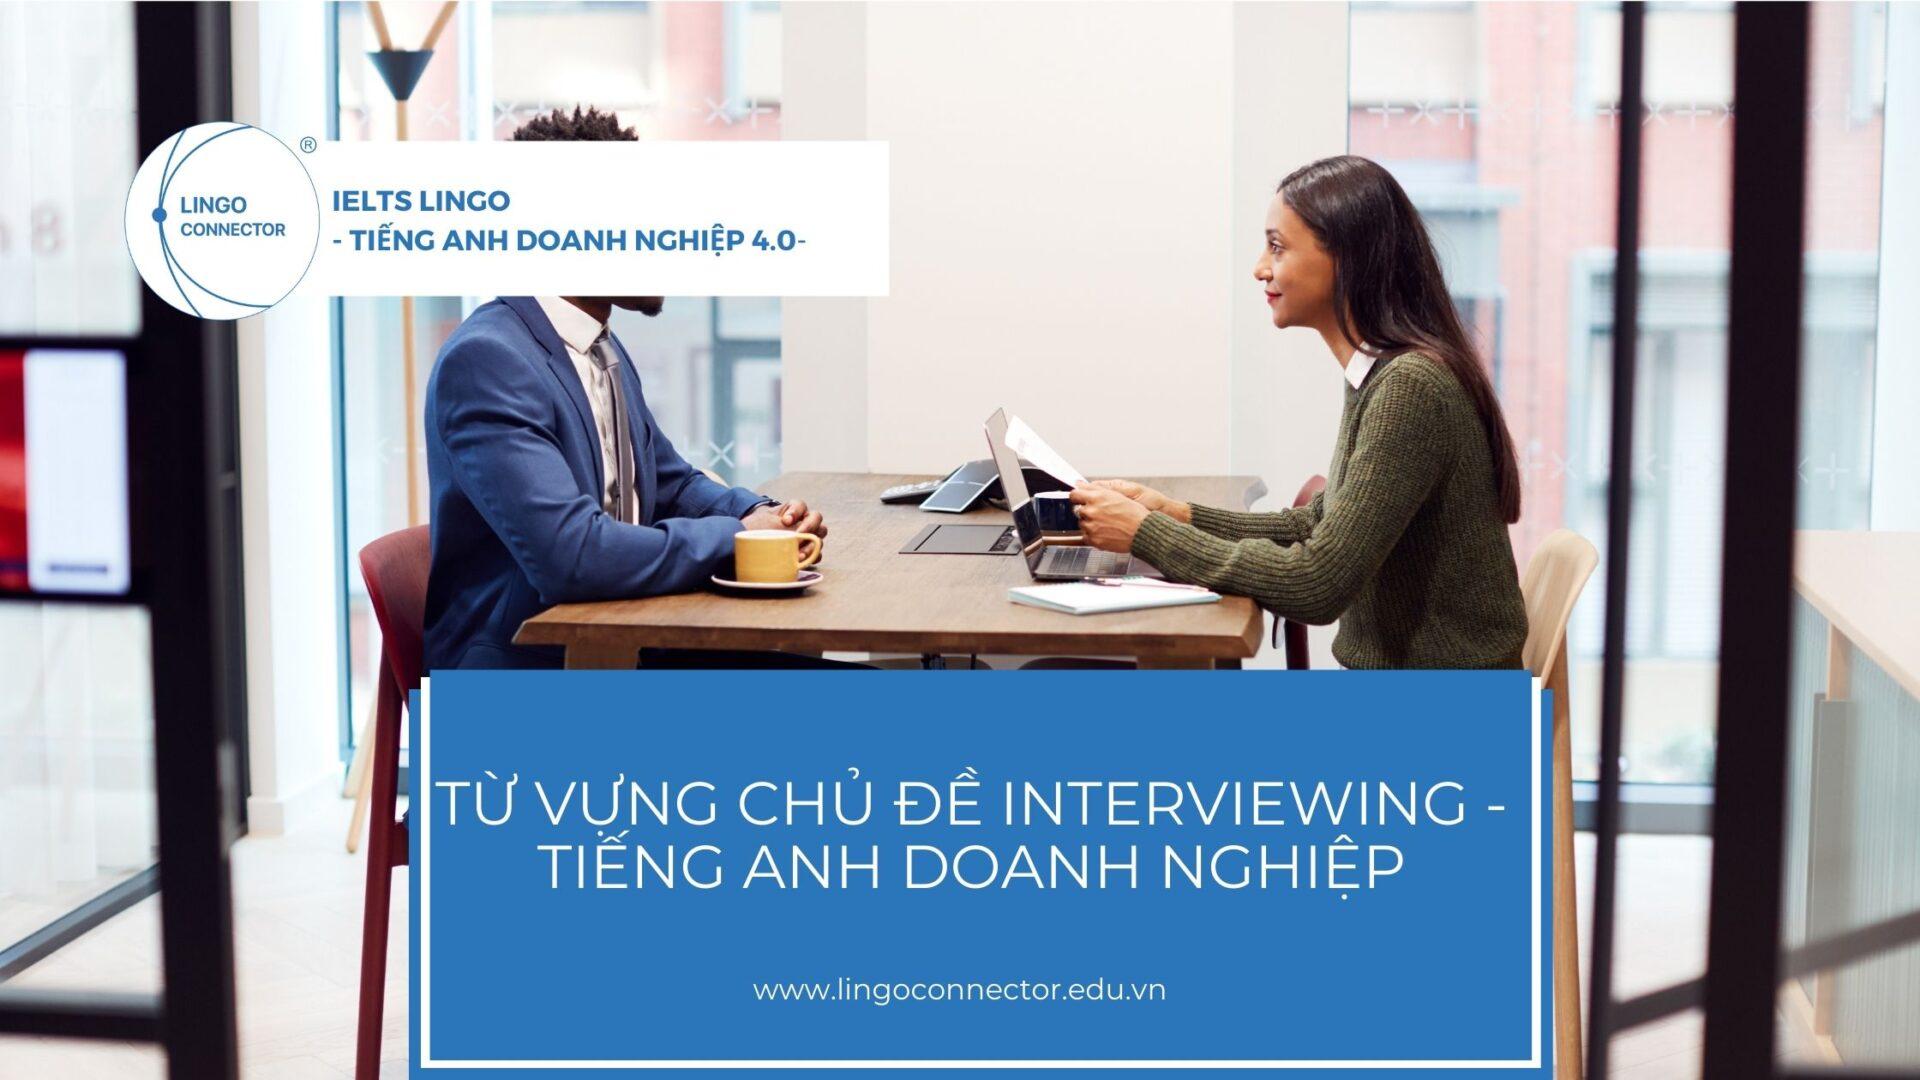 tu-vung-interview-tieng-anh-DN